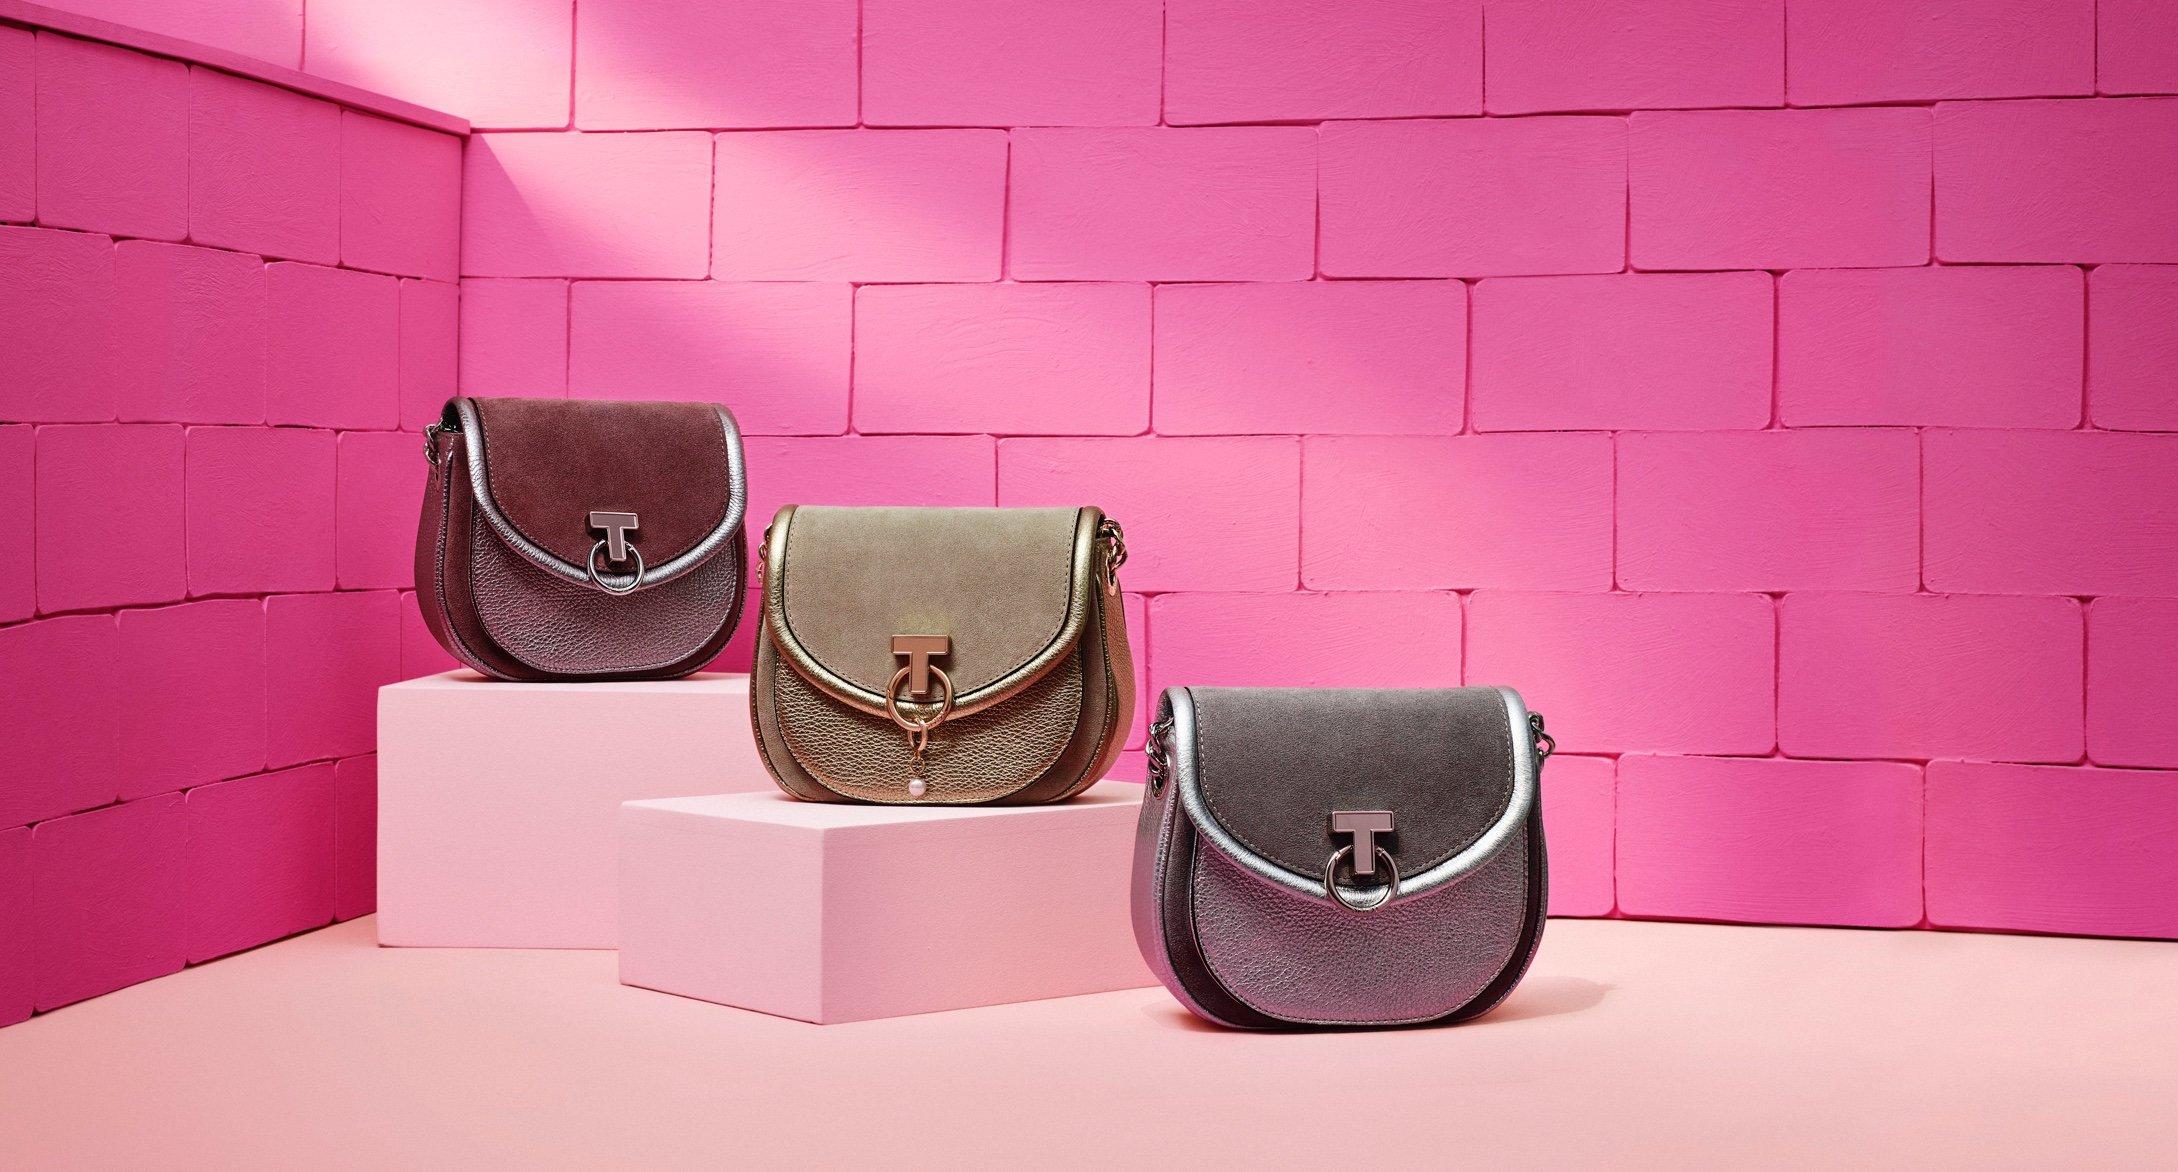 Tres bolsos Tous con fondo rosa